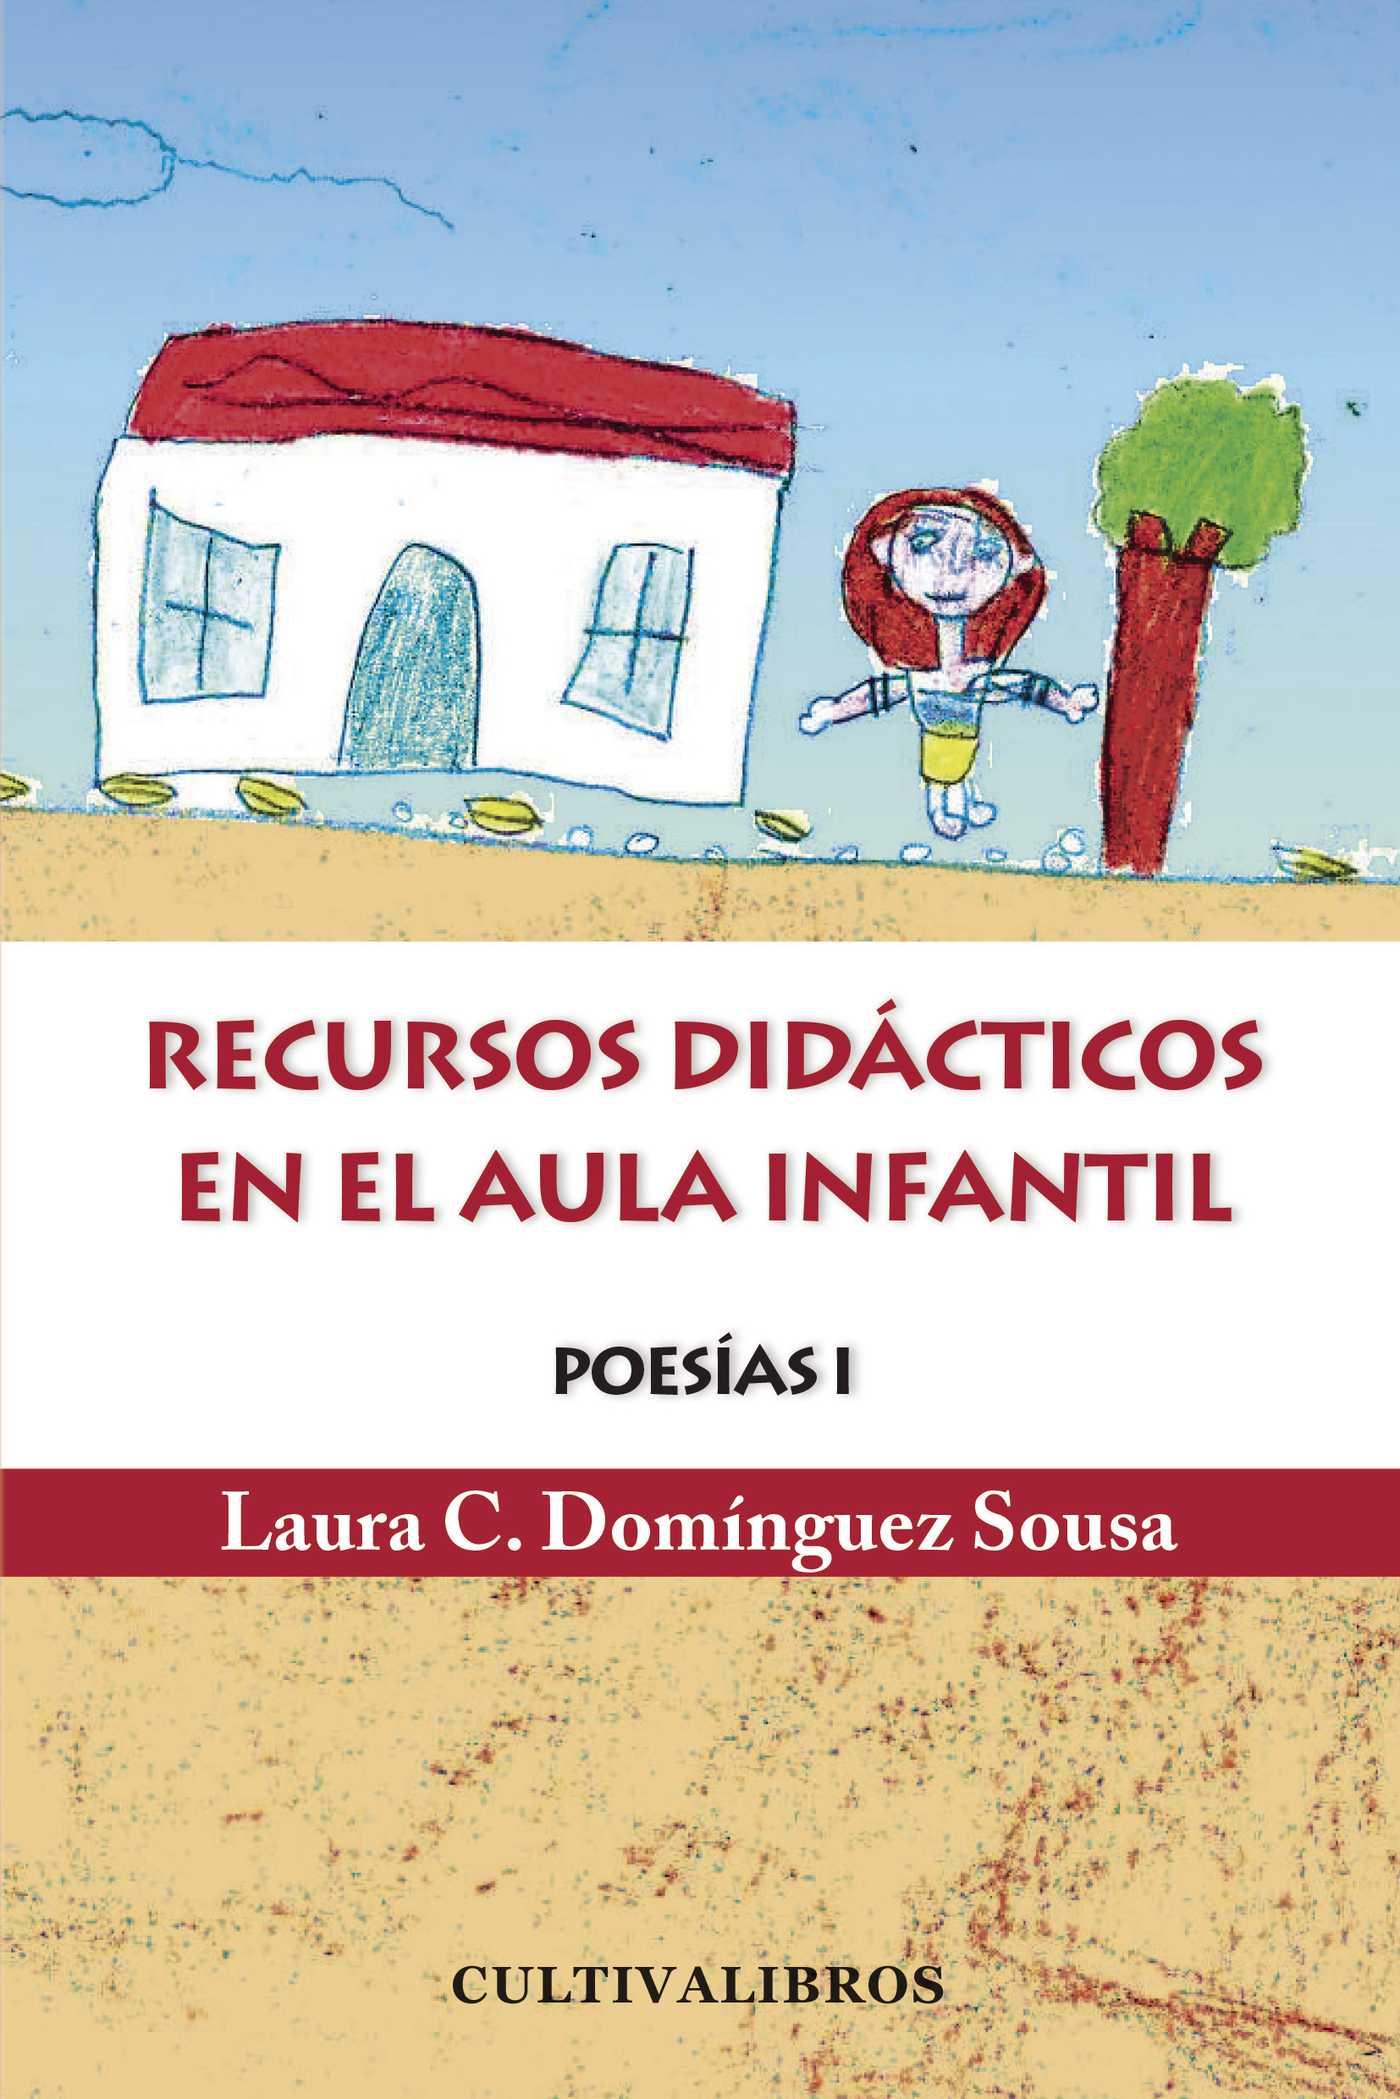 POESÍA I : RECURSO DIDÁCTICOS EN EL AULA INFANTIL